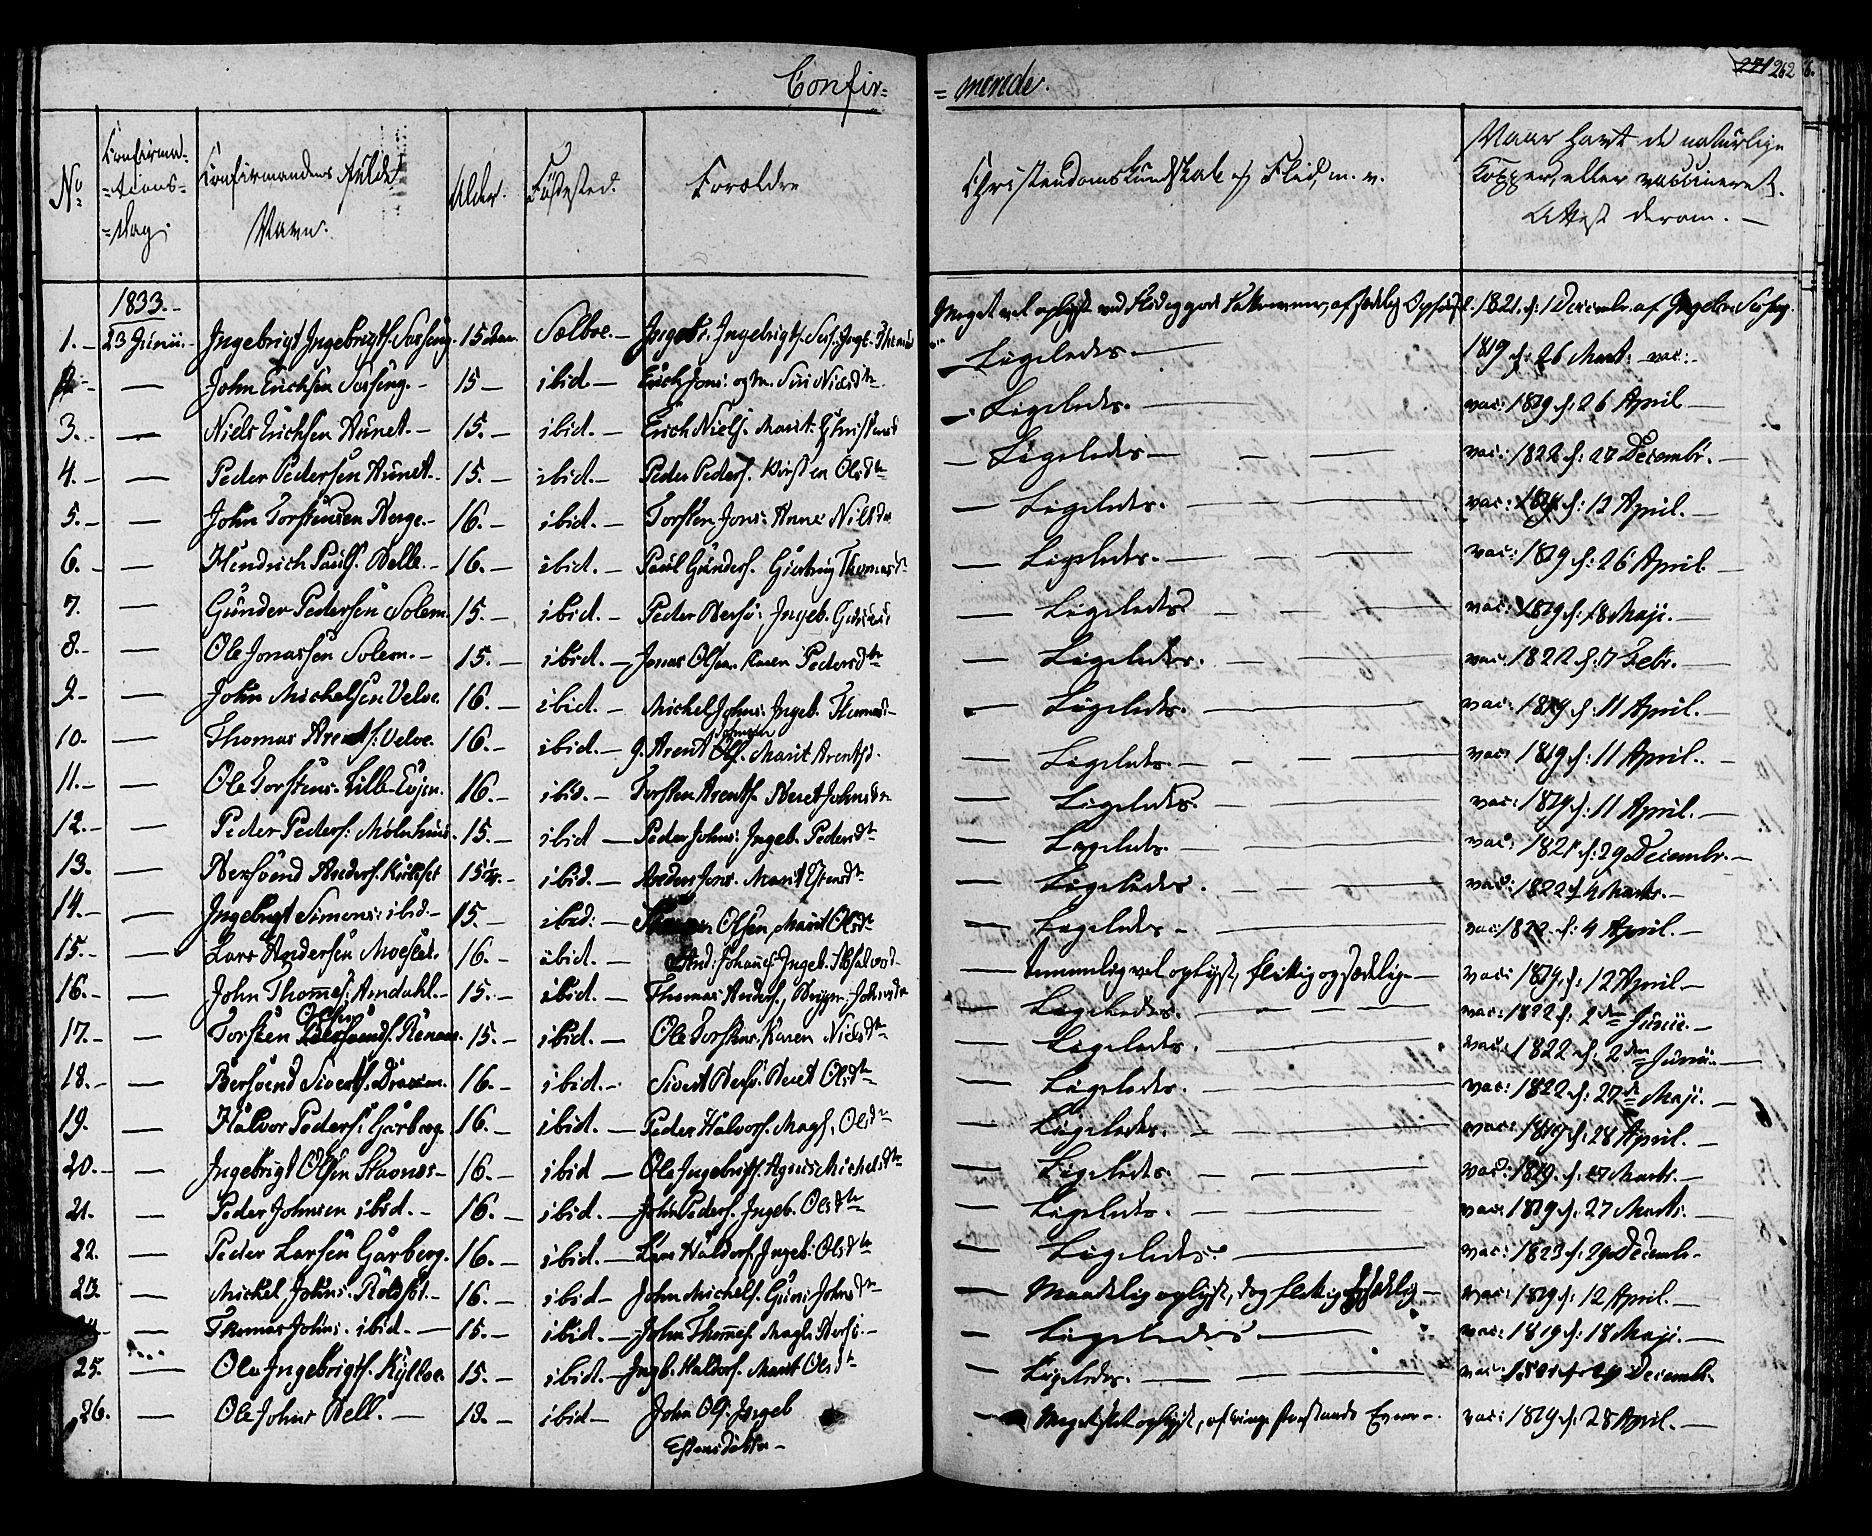 SAT, Ministerialprotokoller, klokkerbøker og fødselsregistre - Sør-Trøndelag, 695/L1143: Ministerialbok nr. 695A05 /1, 1824-1842, s. 262